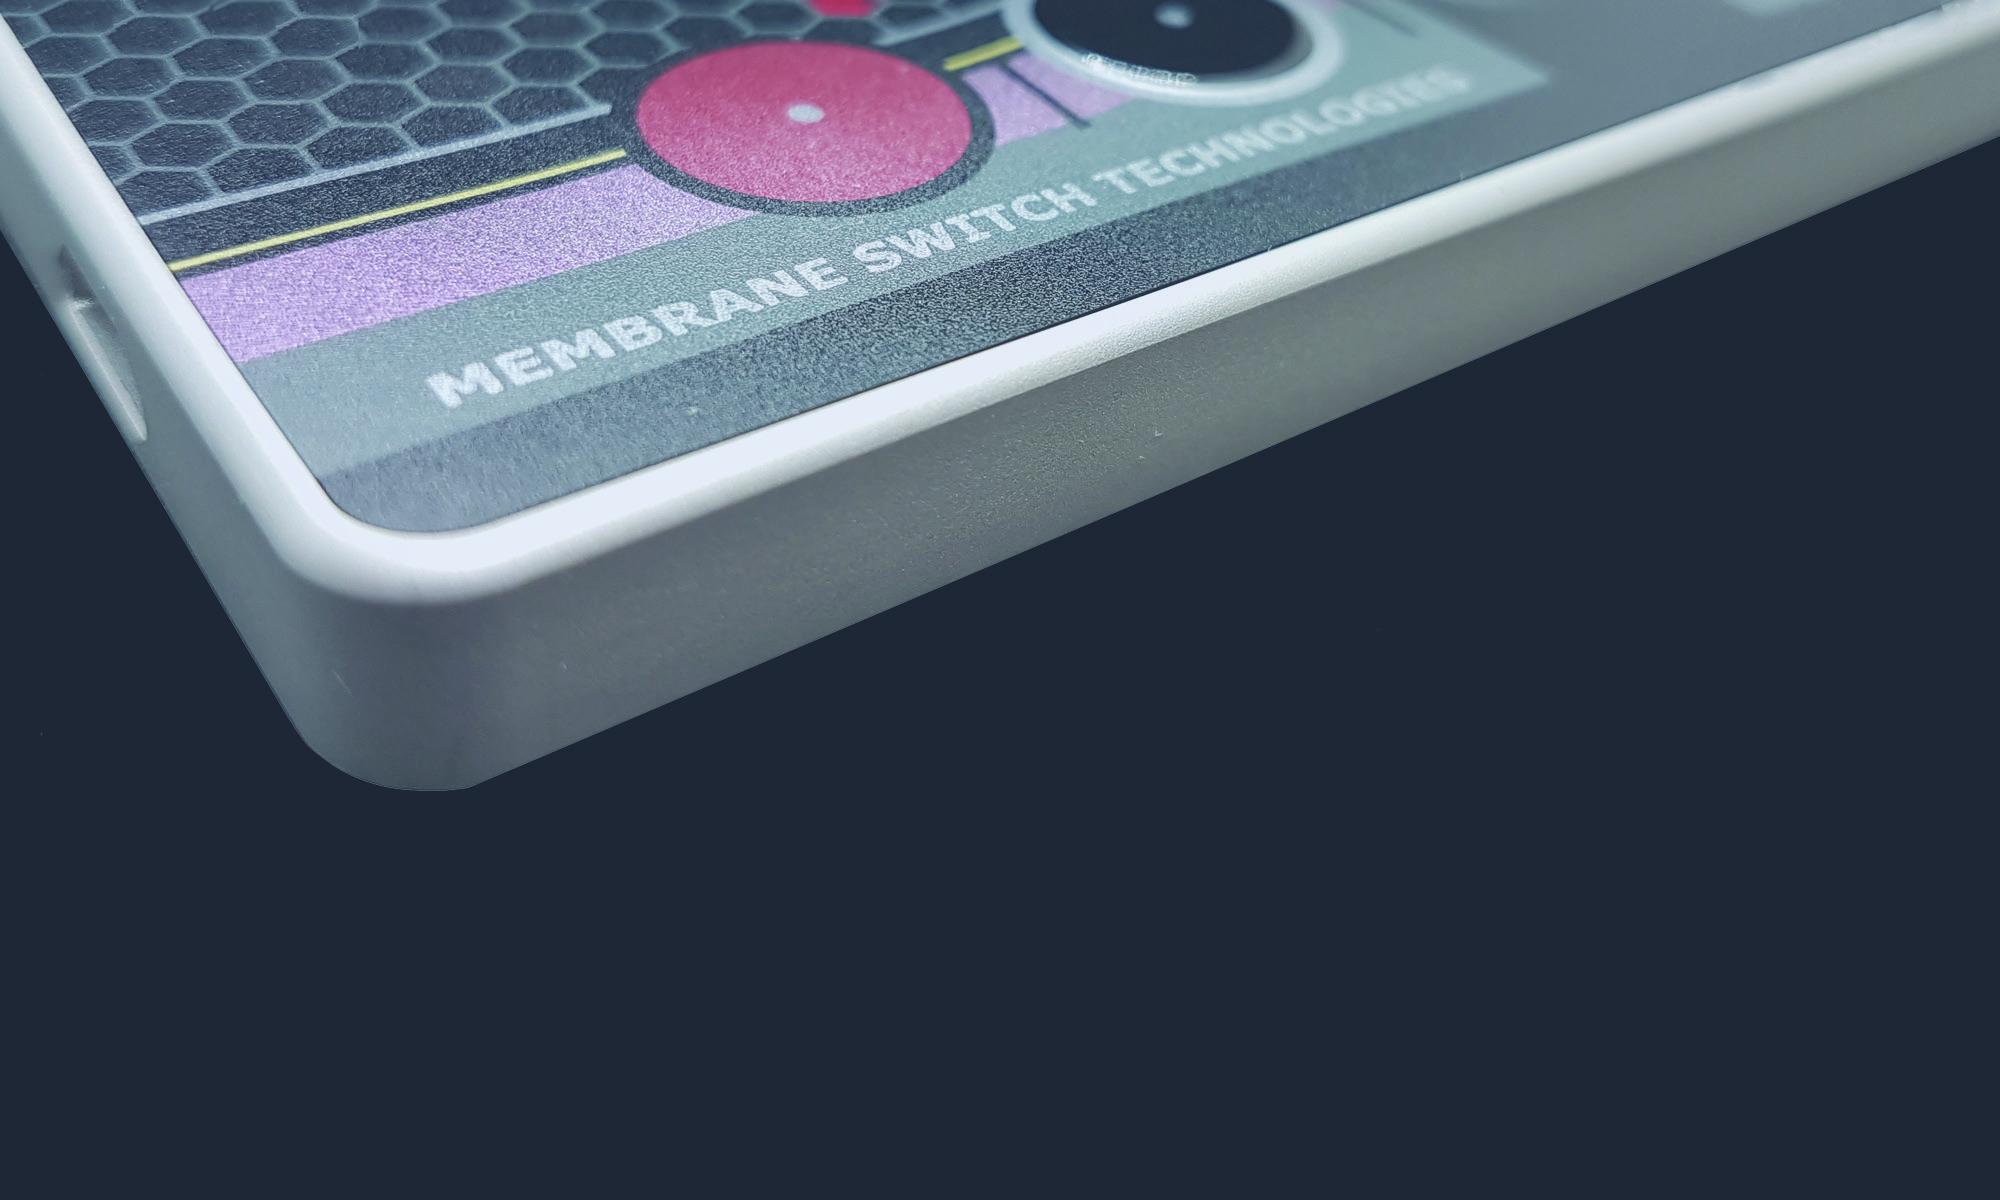 Gehäuse und Tastatur integriert für jede Anwendung das Richtige